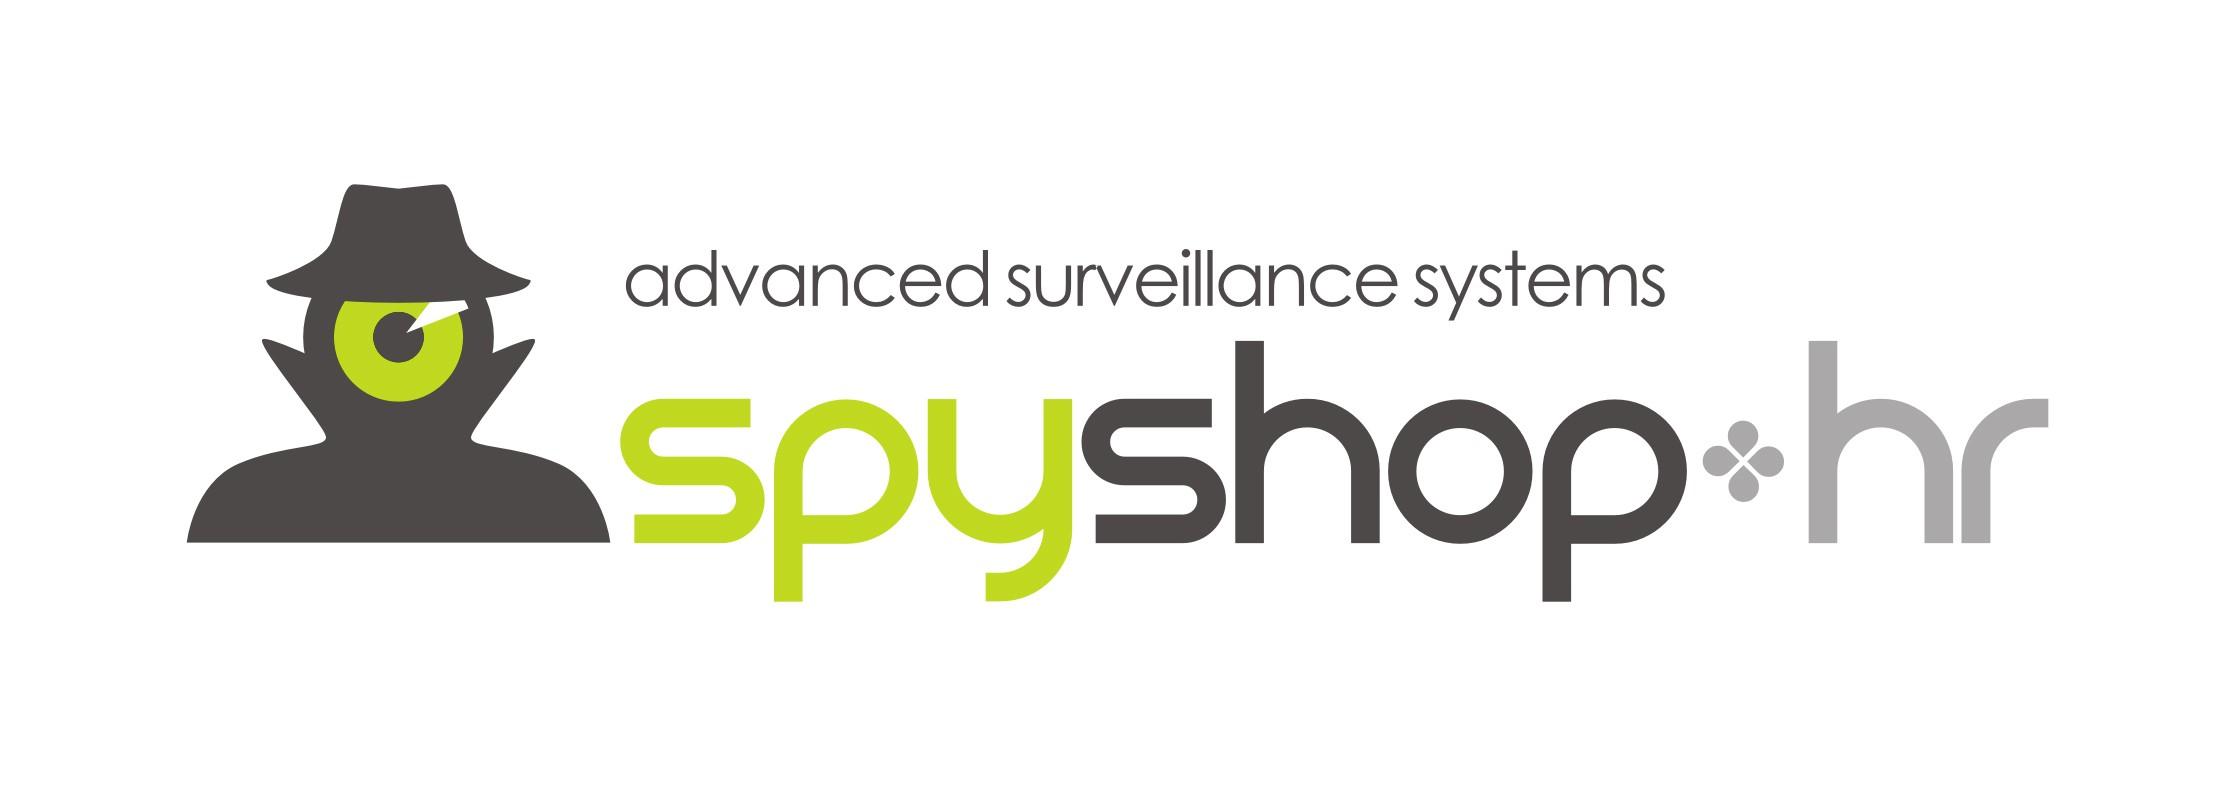 Spyshop.hr